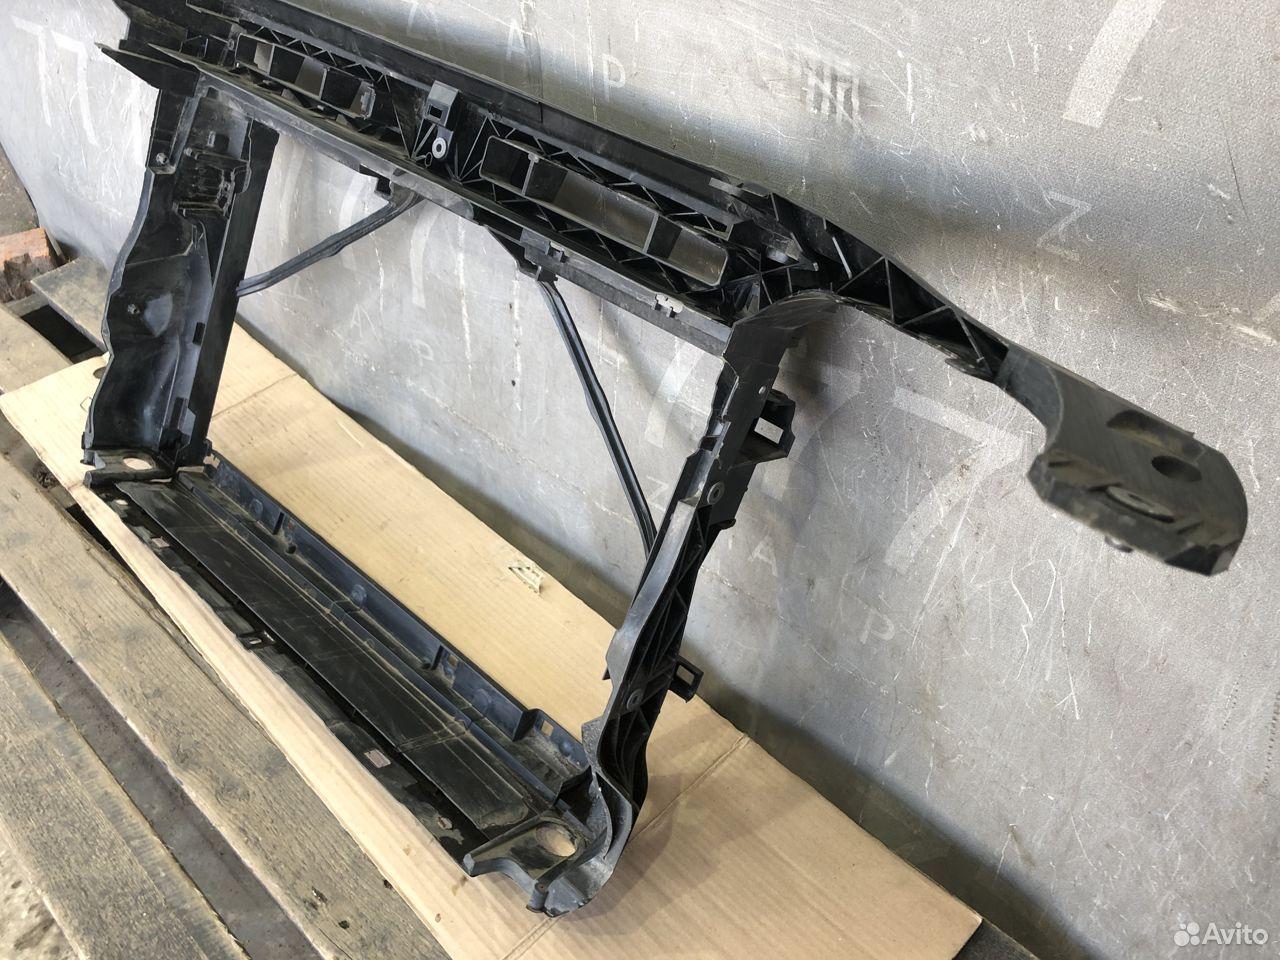 Панель передняя Skoda Octavia A7 б/у оригинал  89257556682 купить 6